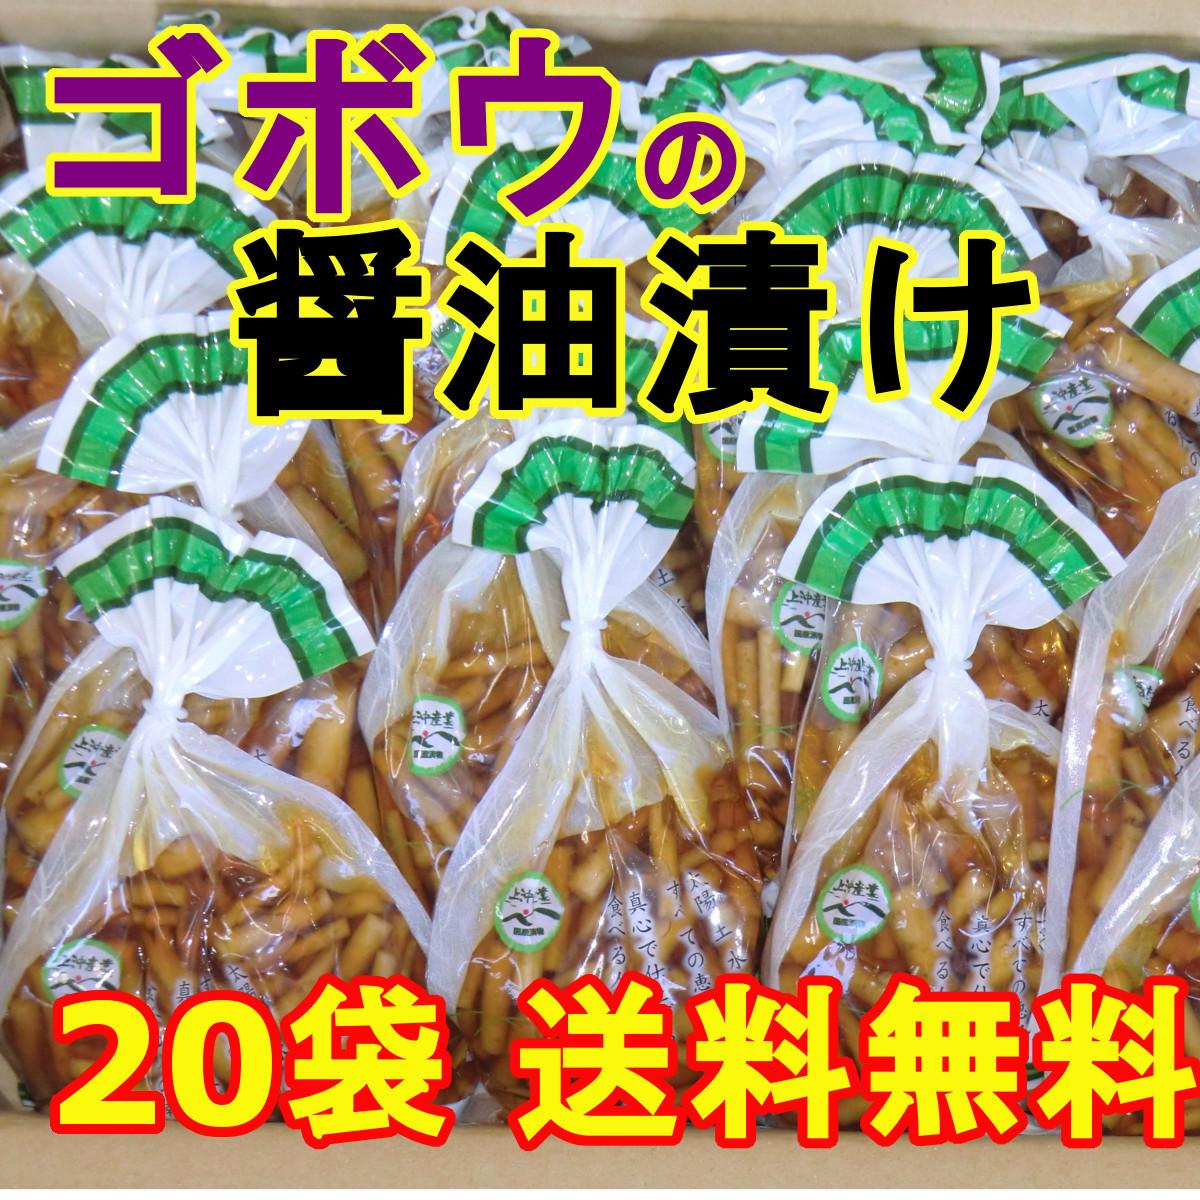 ゴボウの醤油漬け」20袋 ご飯のお供 宮崎県産ゴボウの漬物 おかず おつまみ お茶うけ 色んな料理の付合わせに 食べてスッキリ 送料無料 _画像1